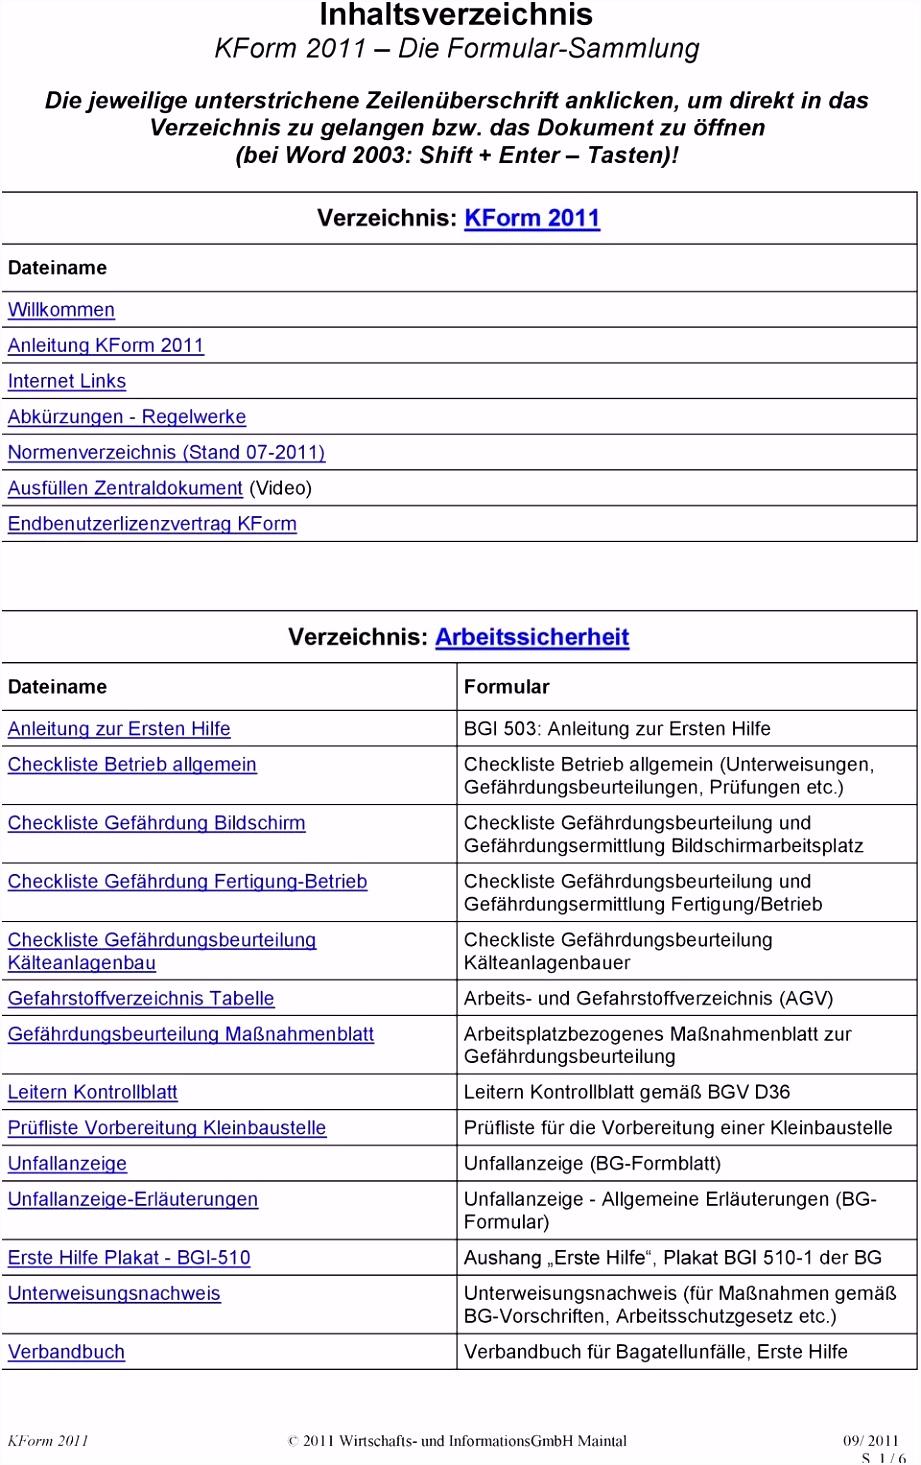 Genial Verbandbuch Vorlage